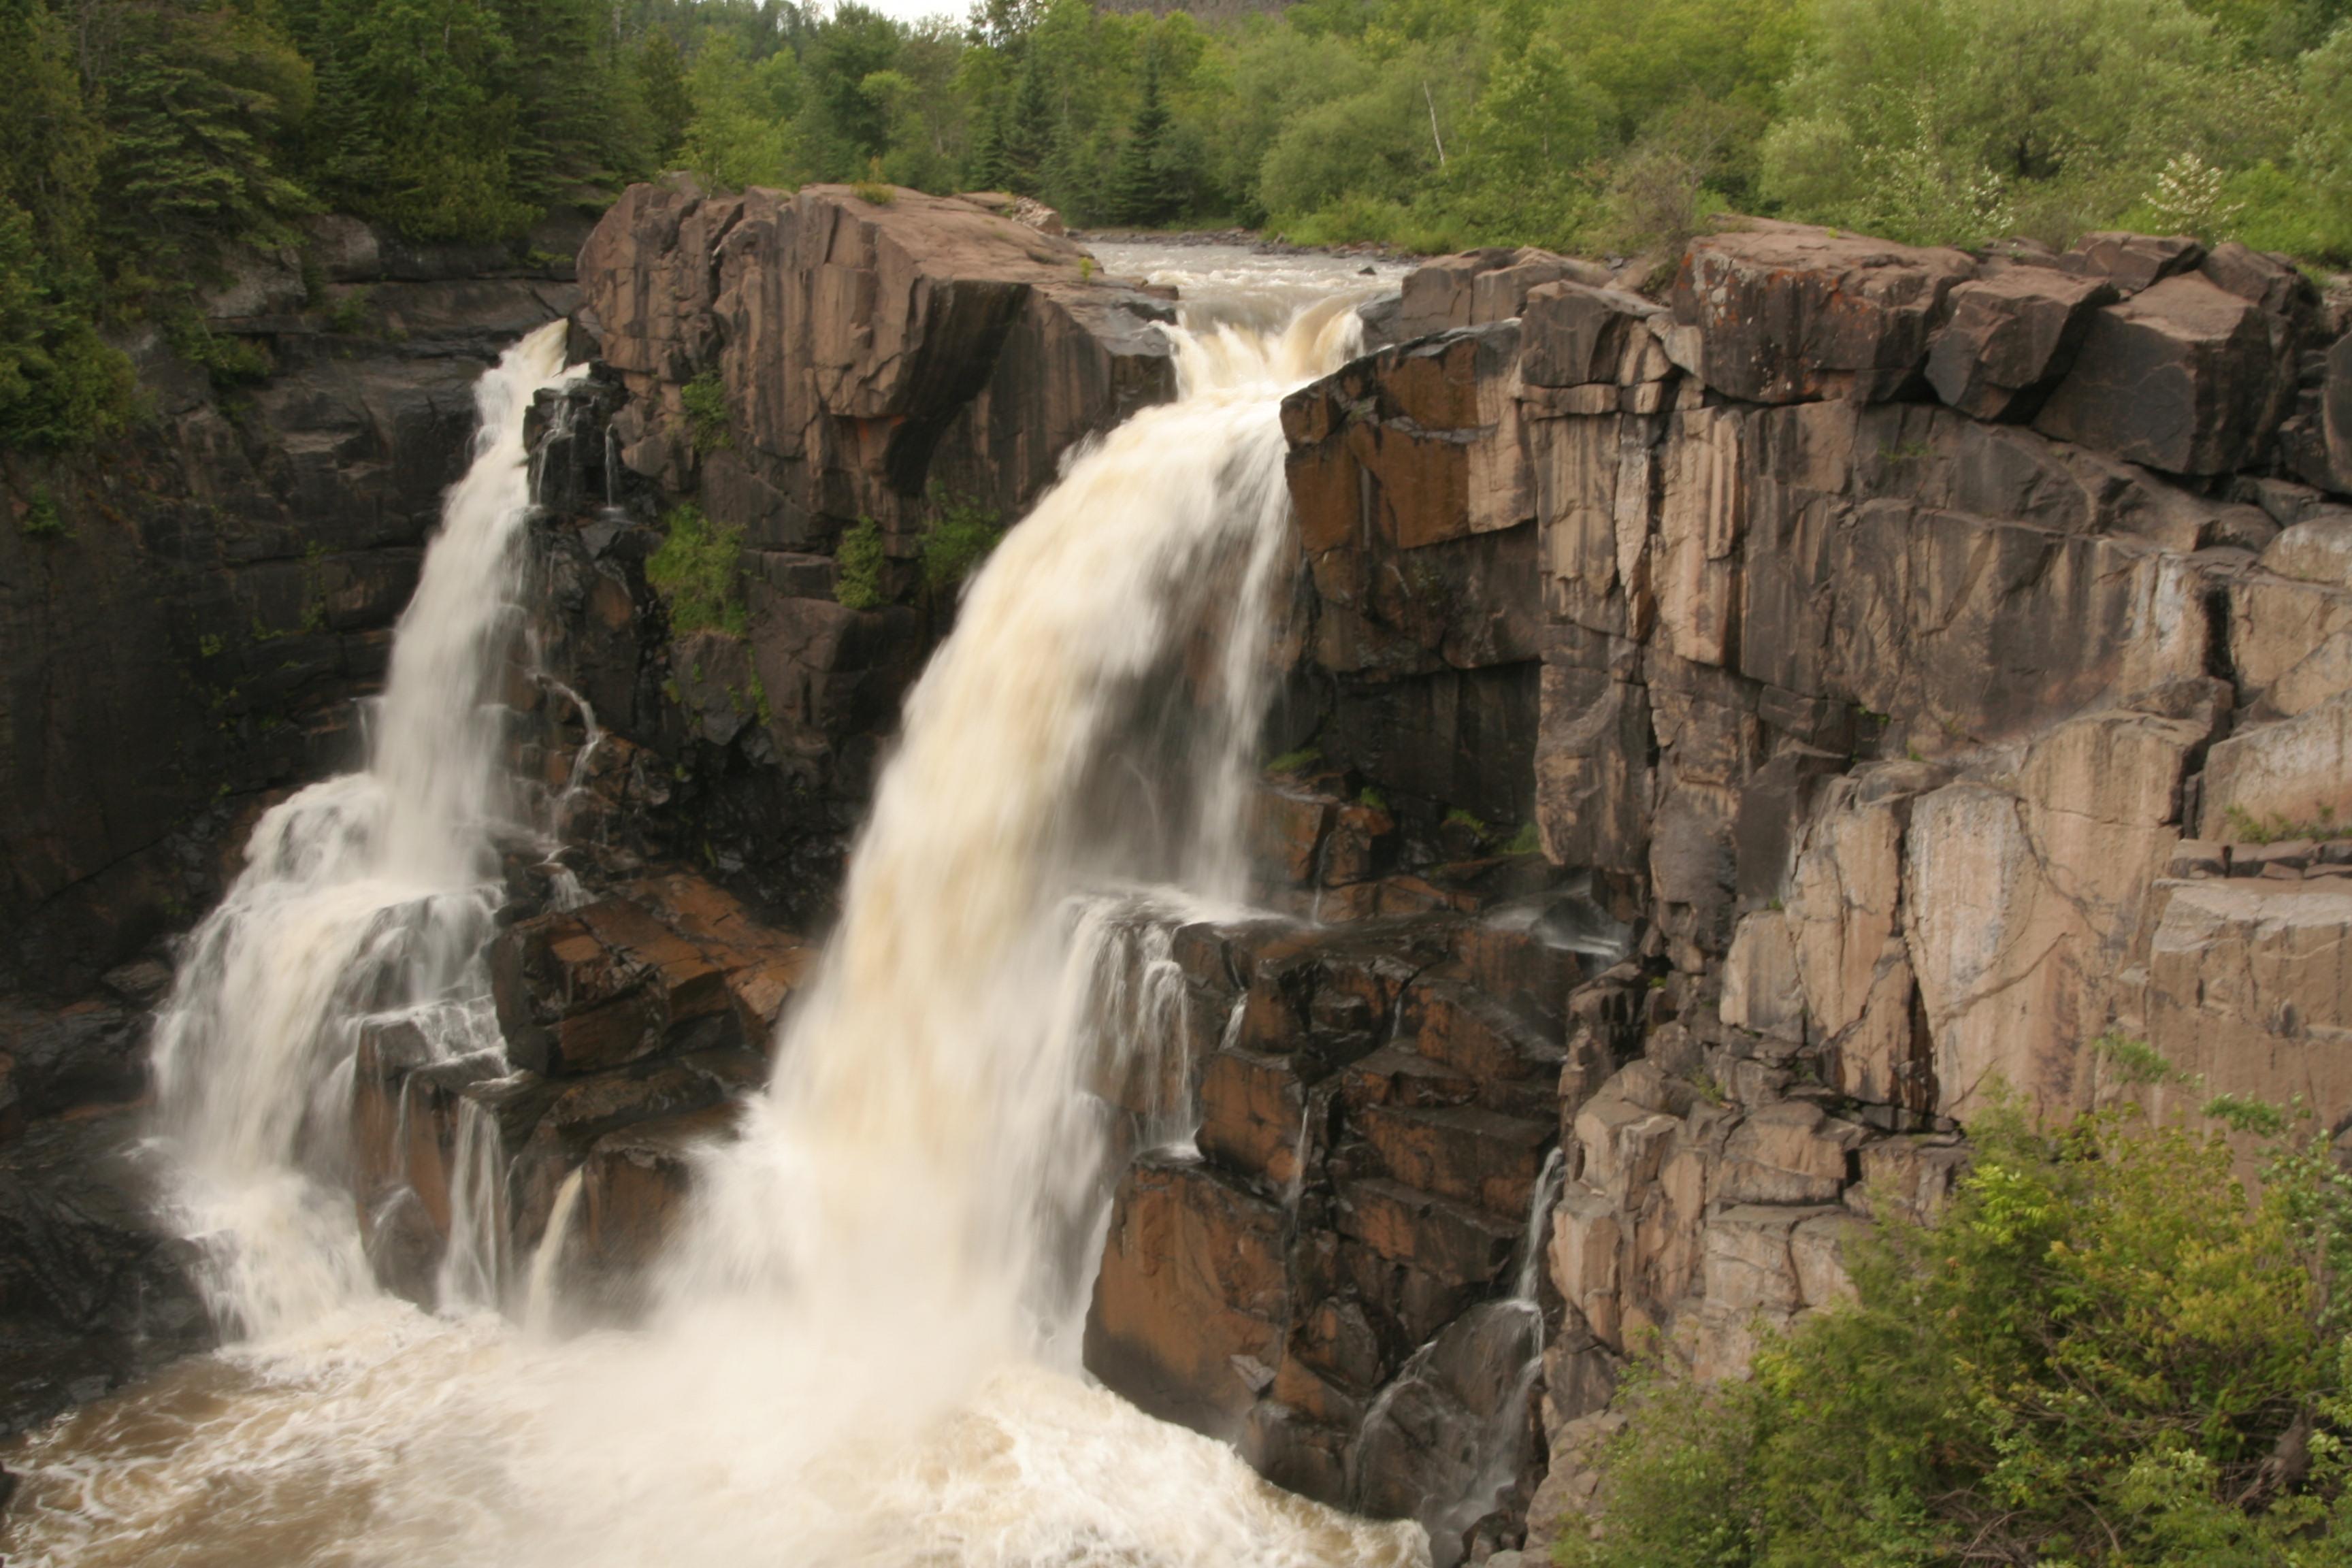 River Falls Wi Food Pantry